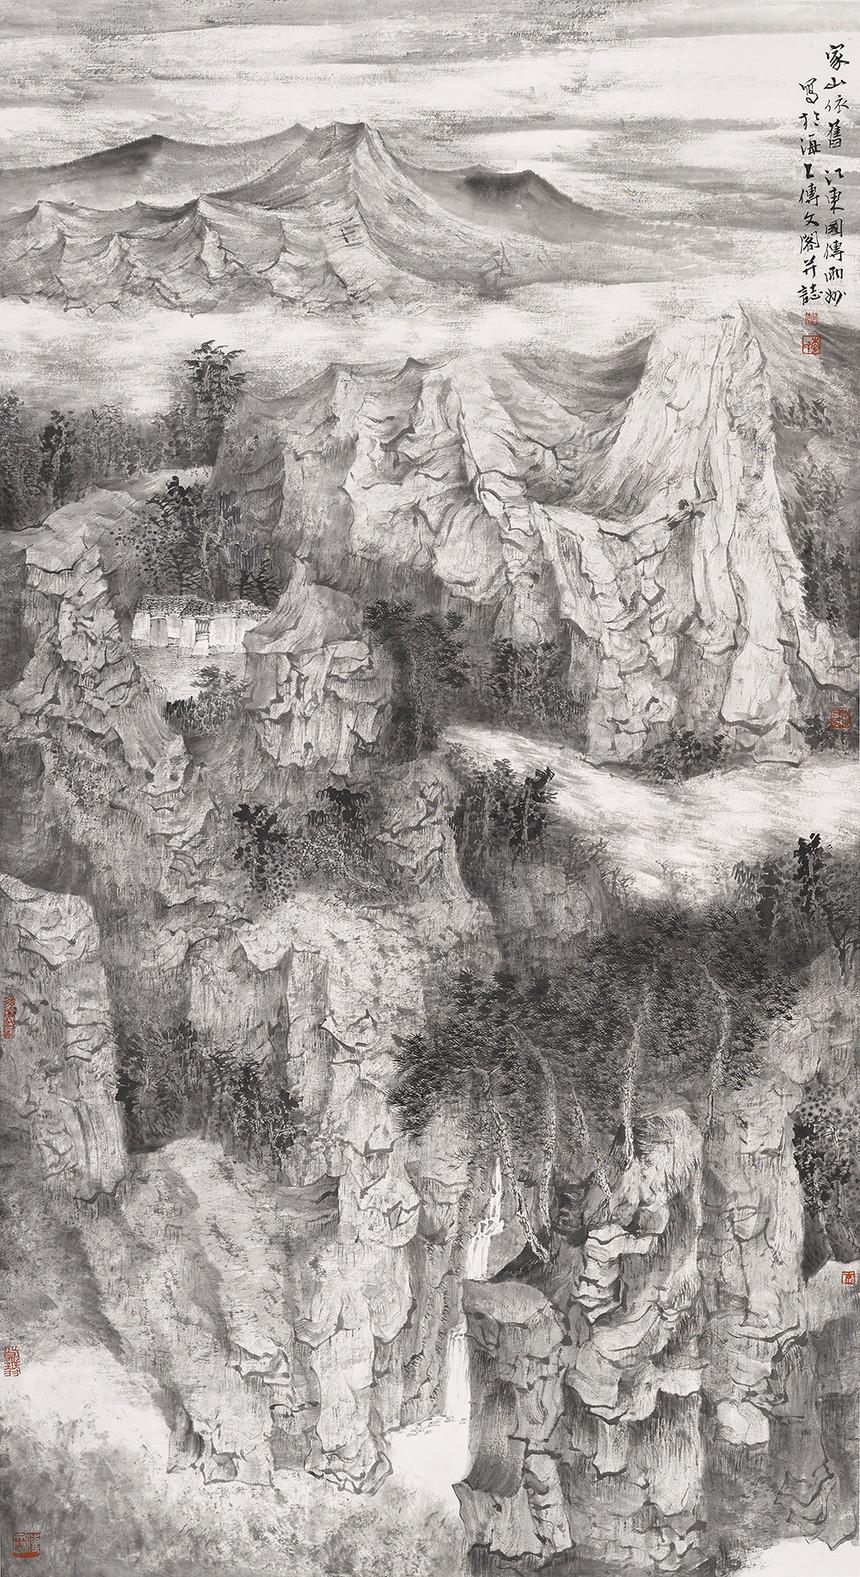 053李国传--家山依旧.jpg